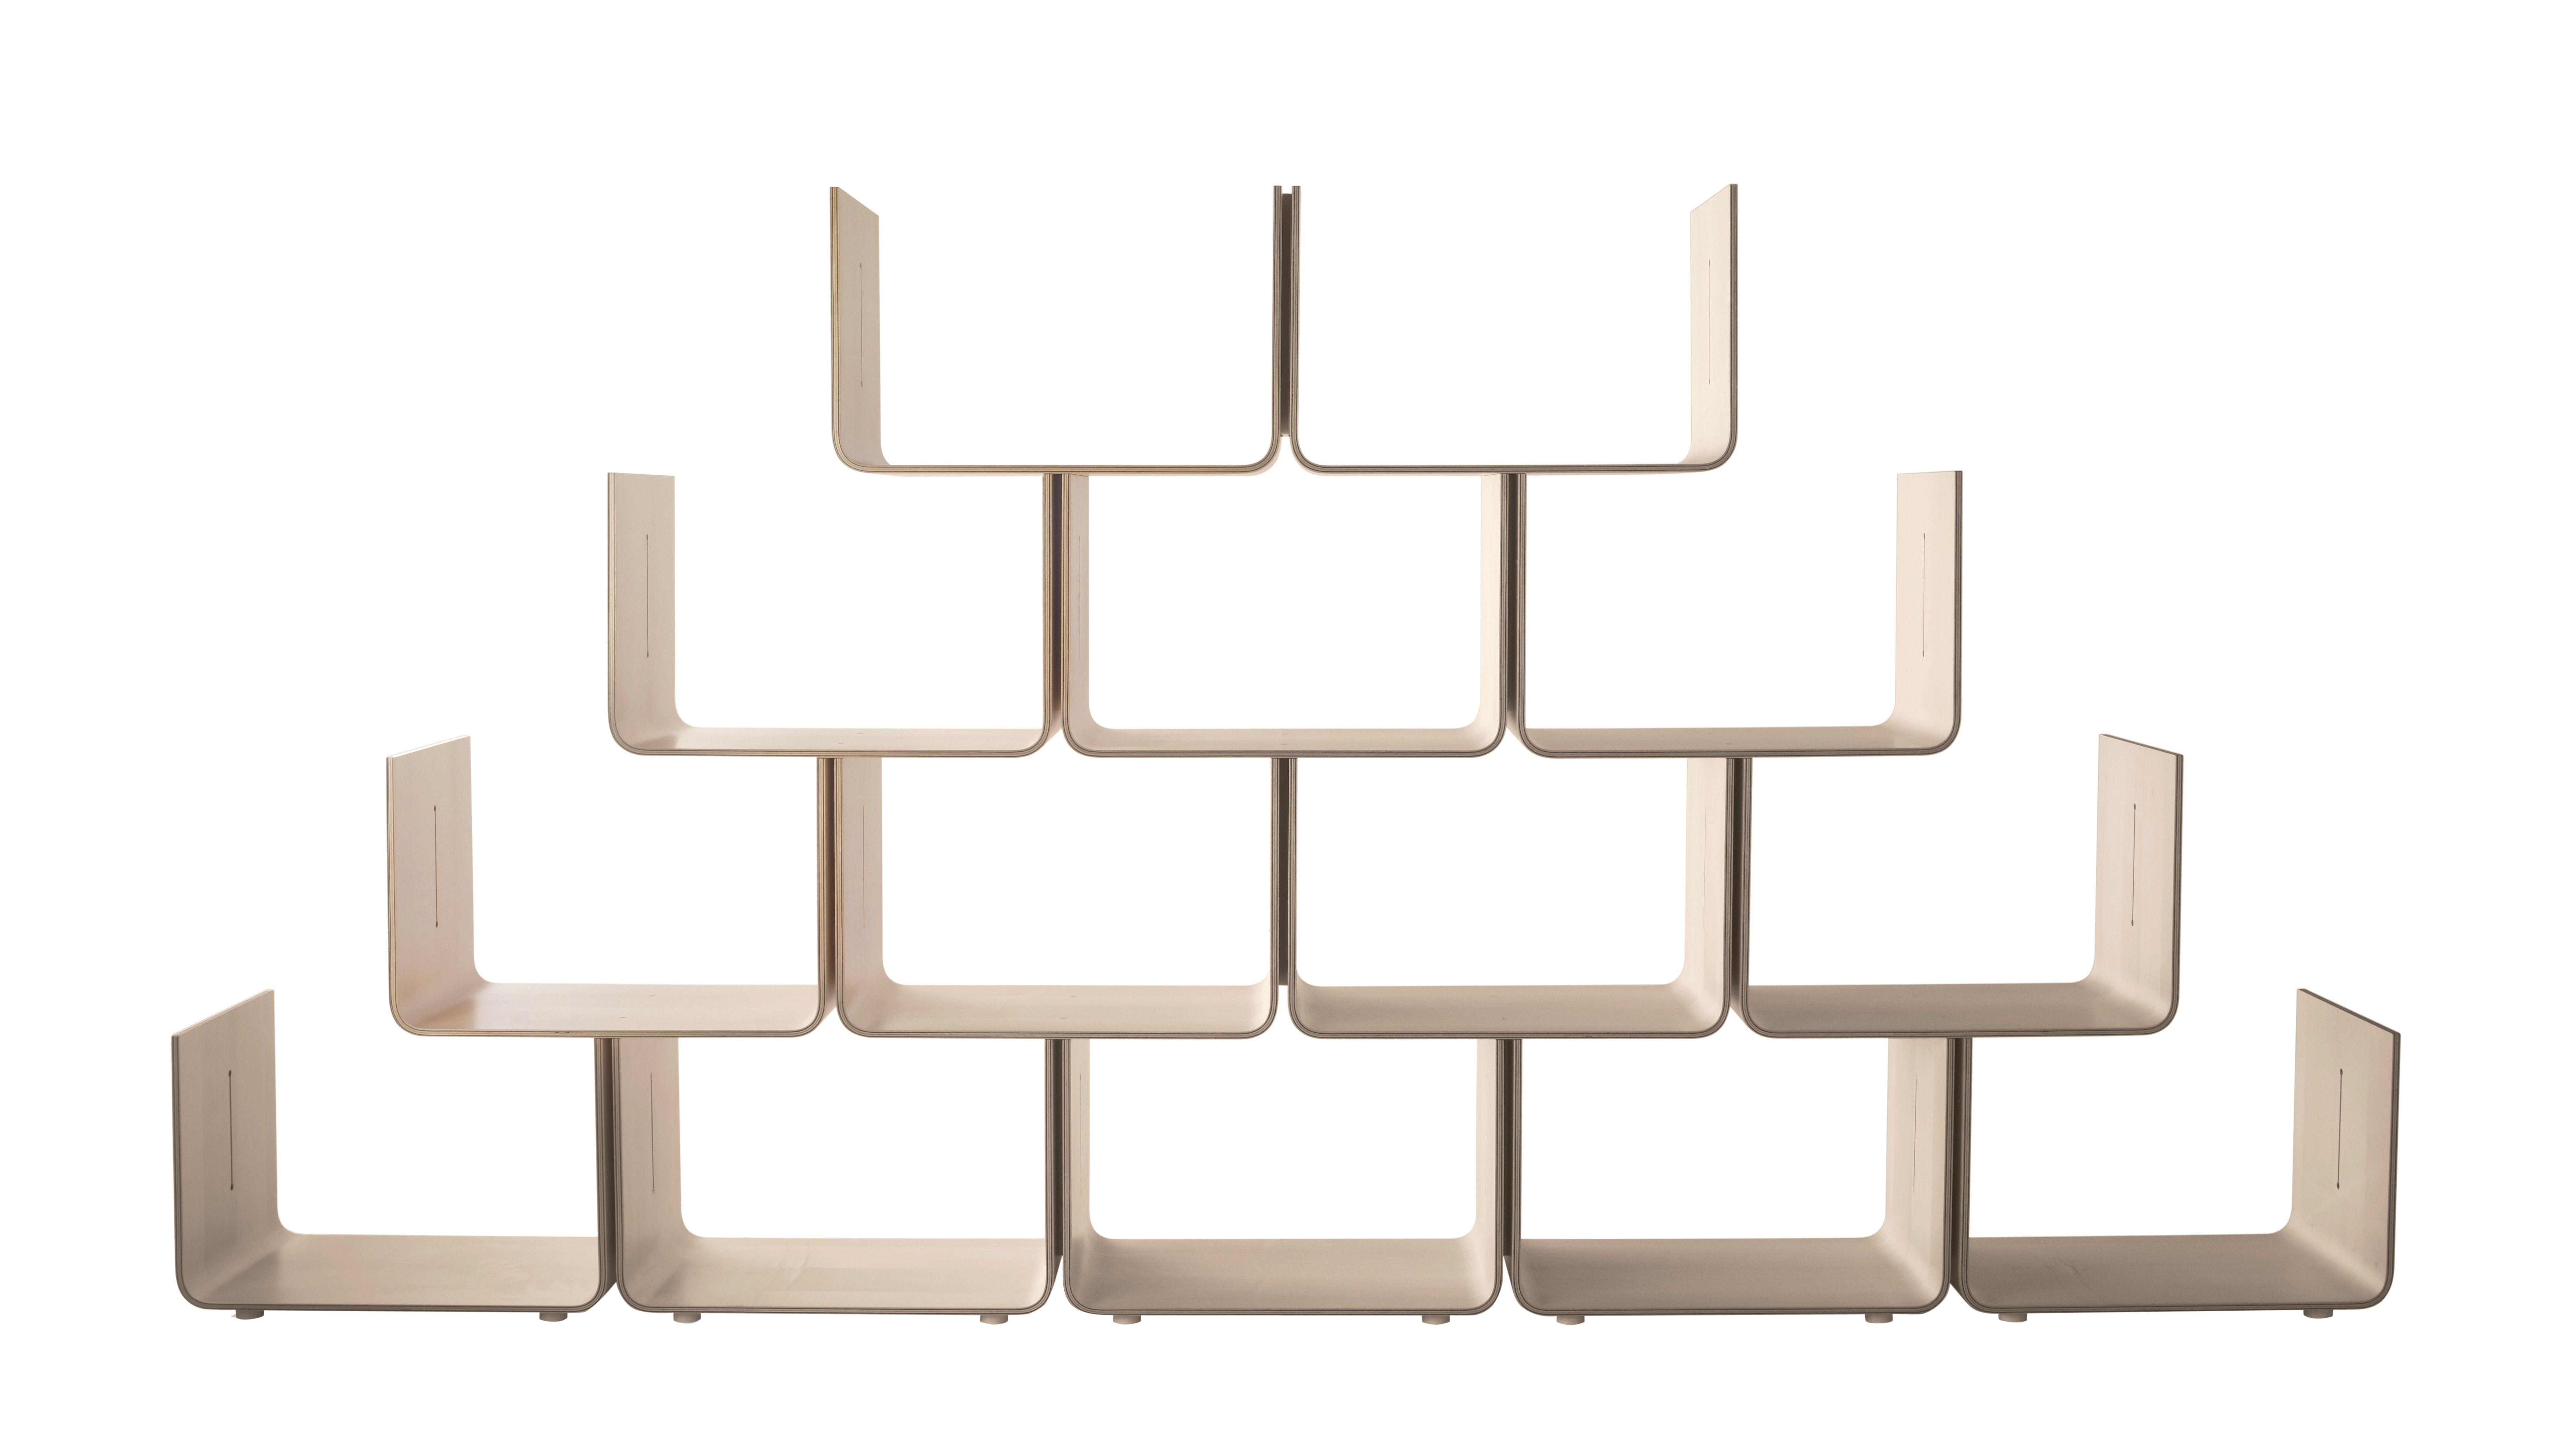 Arredamento - Scaffali e librerie - Scaffale Elysée - modulo di base di Magis - Naturale - Con rotelle - Multistrato d'acero